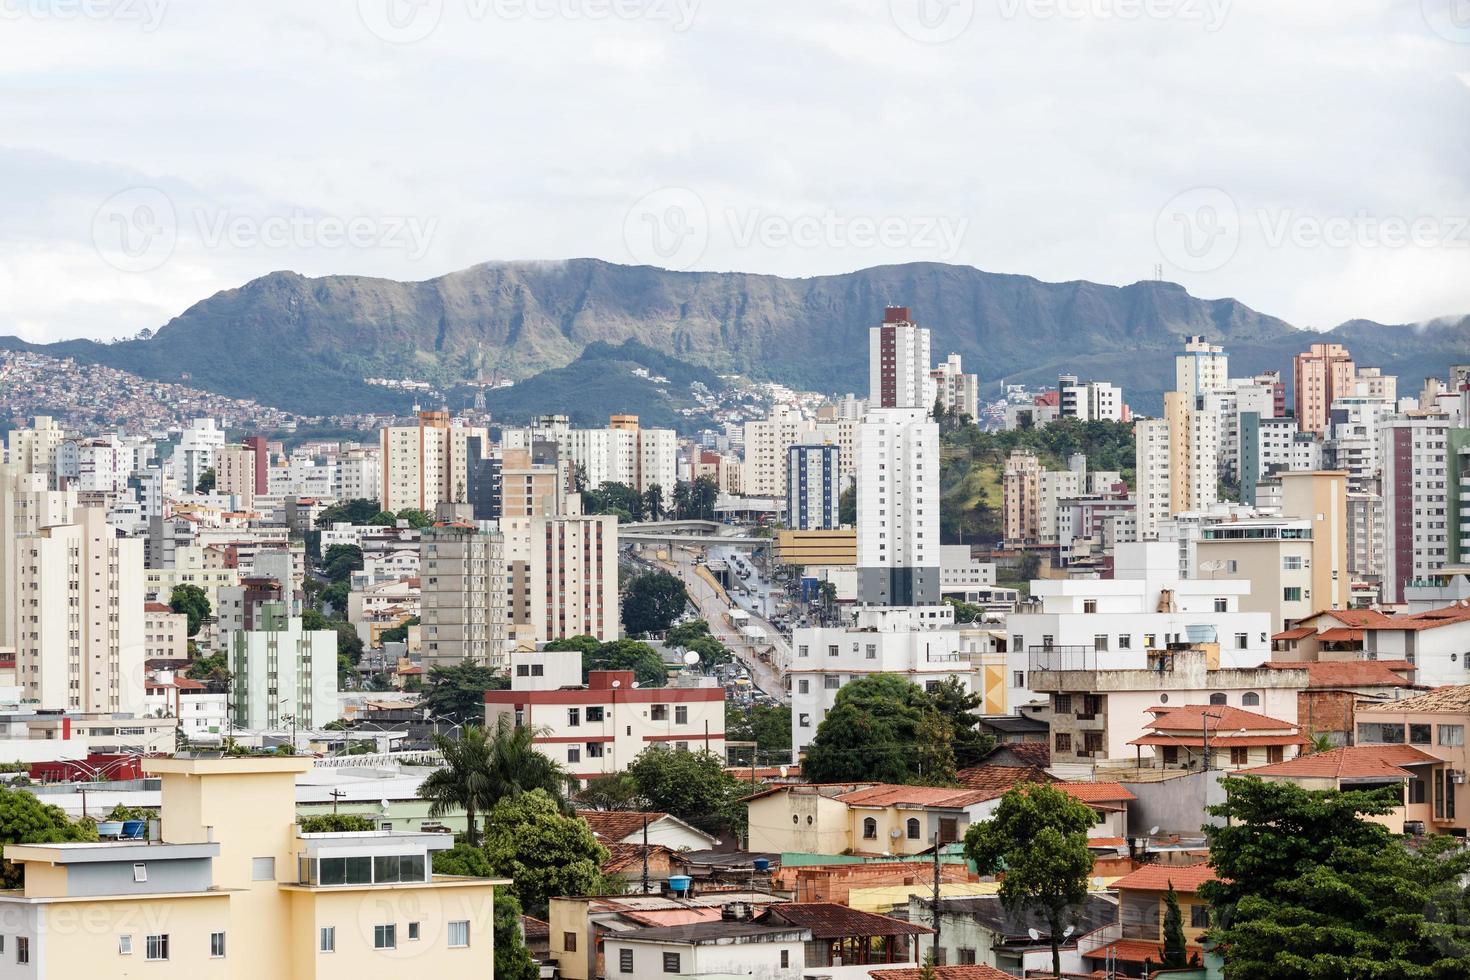 Belo Horizonte Stadt, Bundesstaat Minas Gerais, Brasilien foto